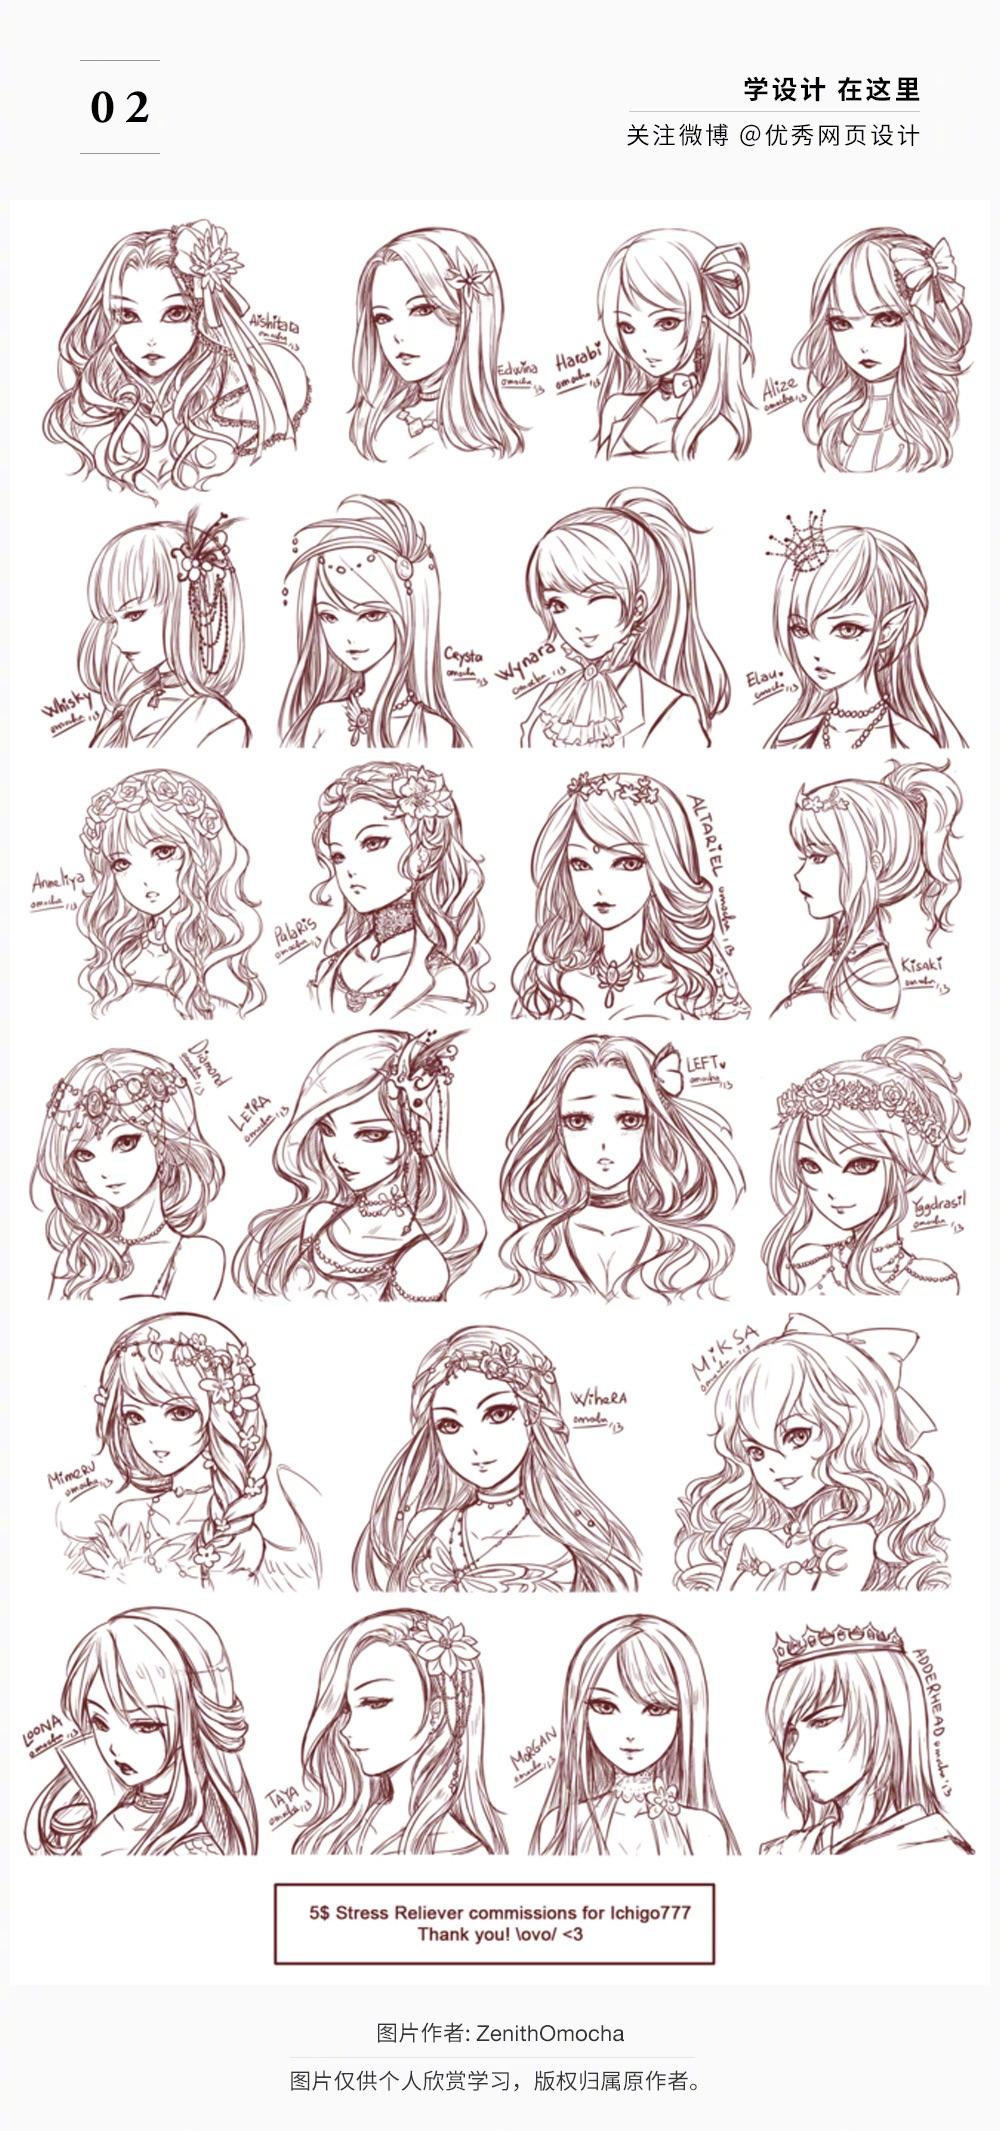 几百个精美发型的手绘表现形式